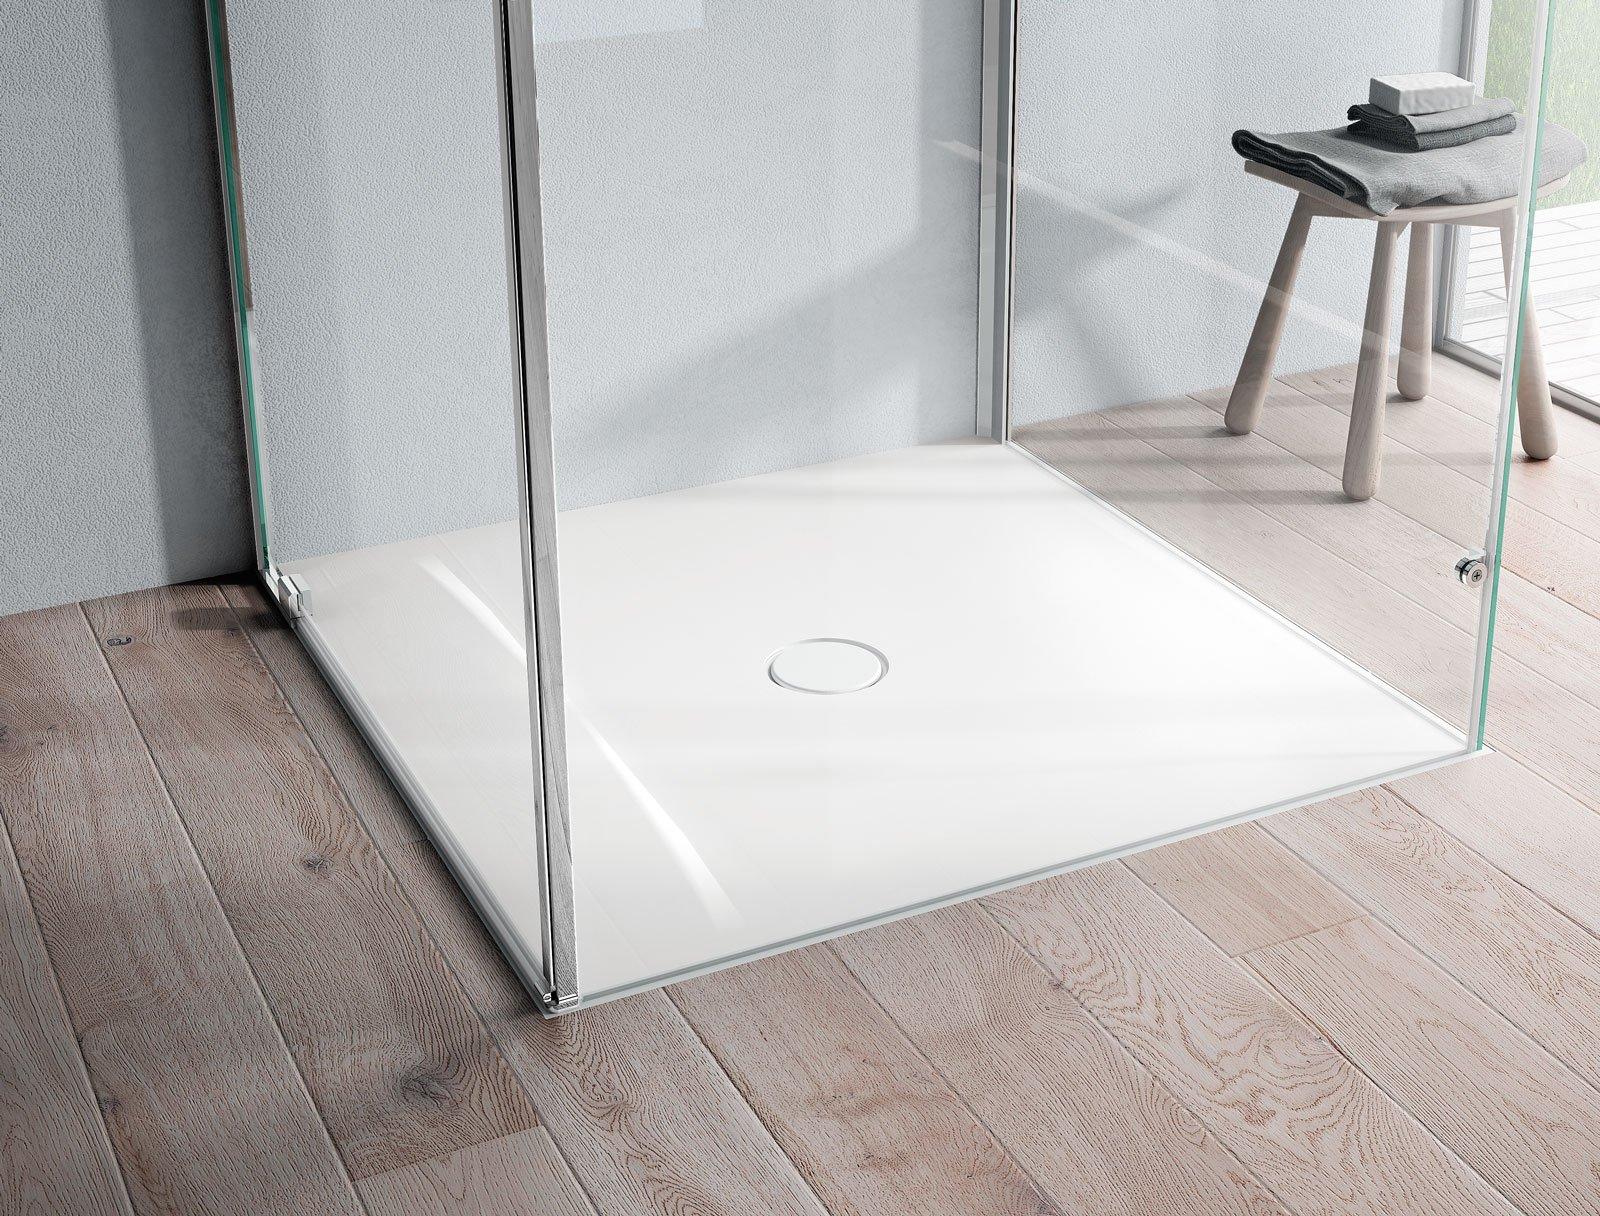 Piatti doccia a filo per un bagno trendy cose di casa - Misure piatto doccia piccolo ...